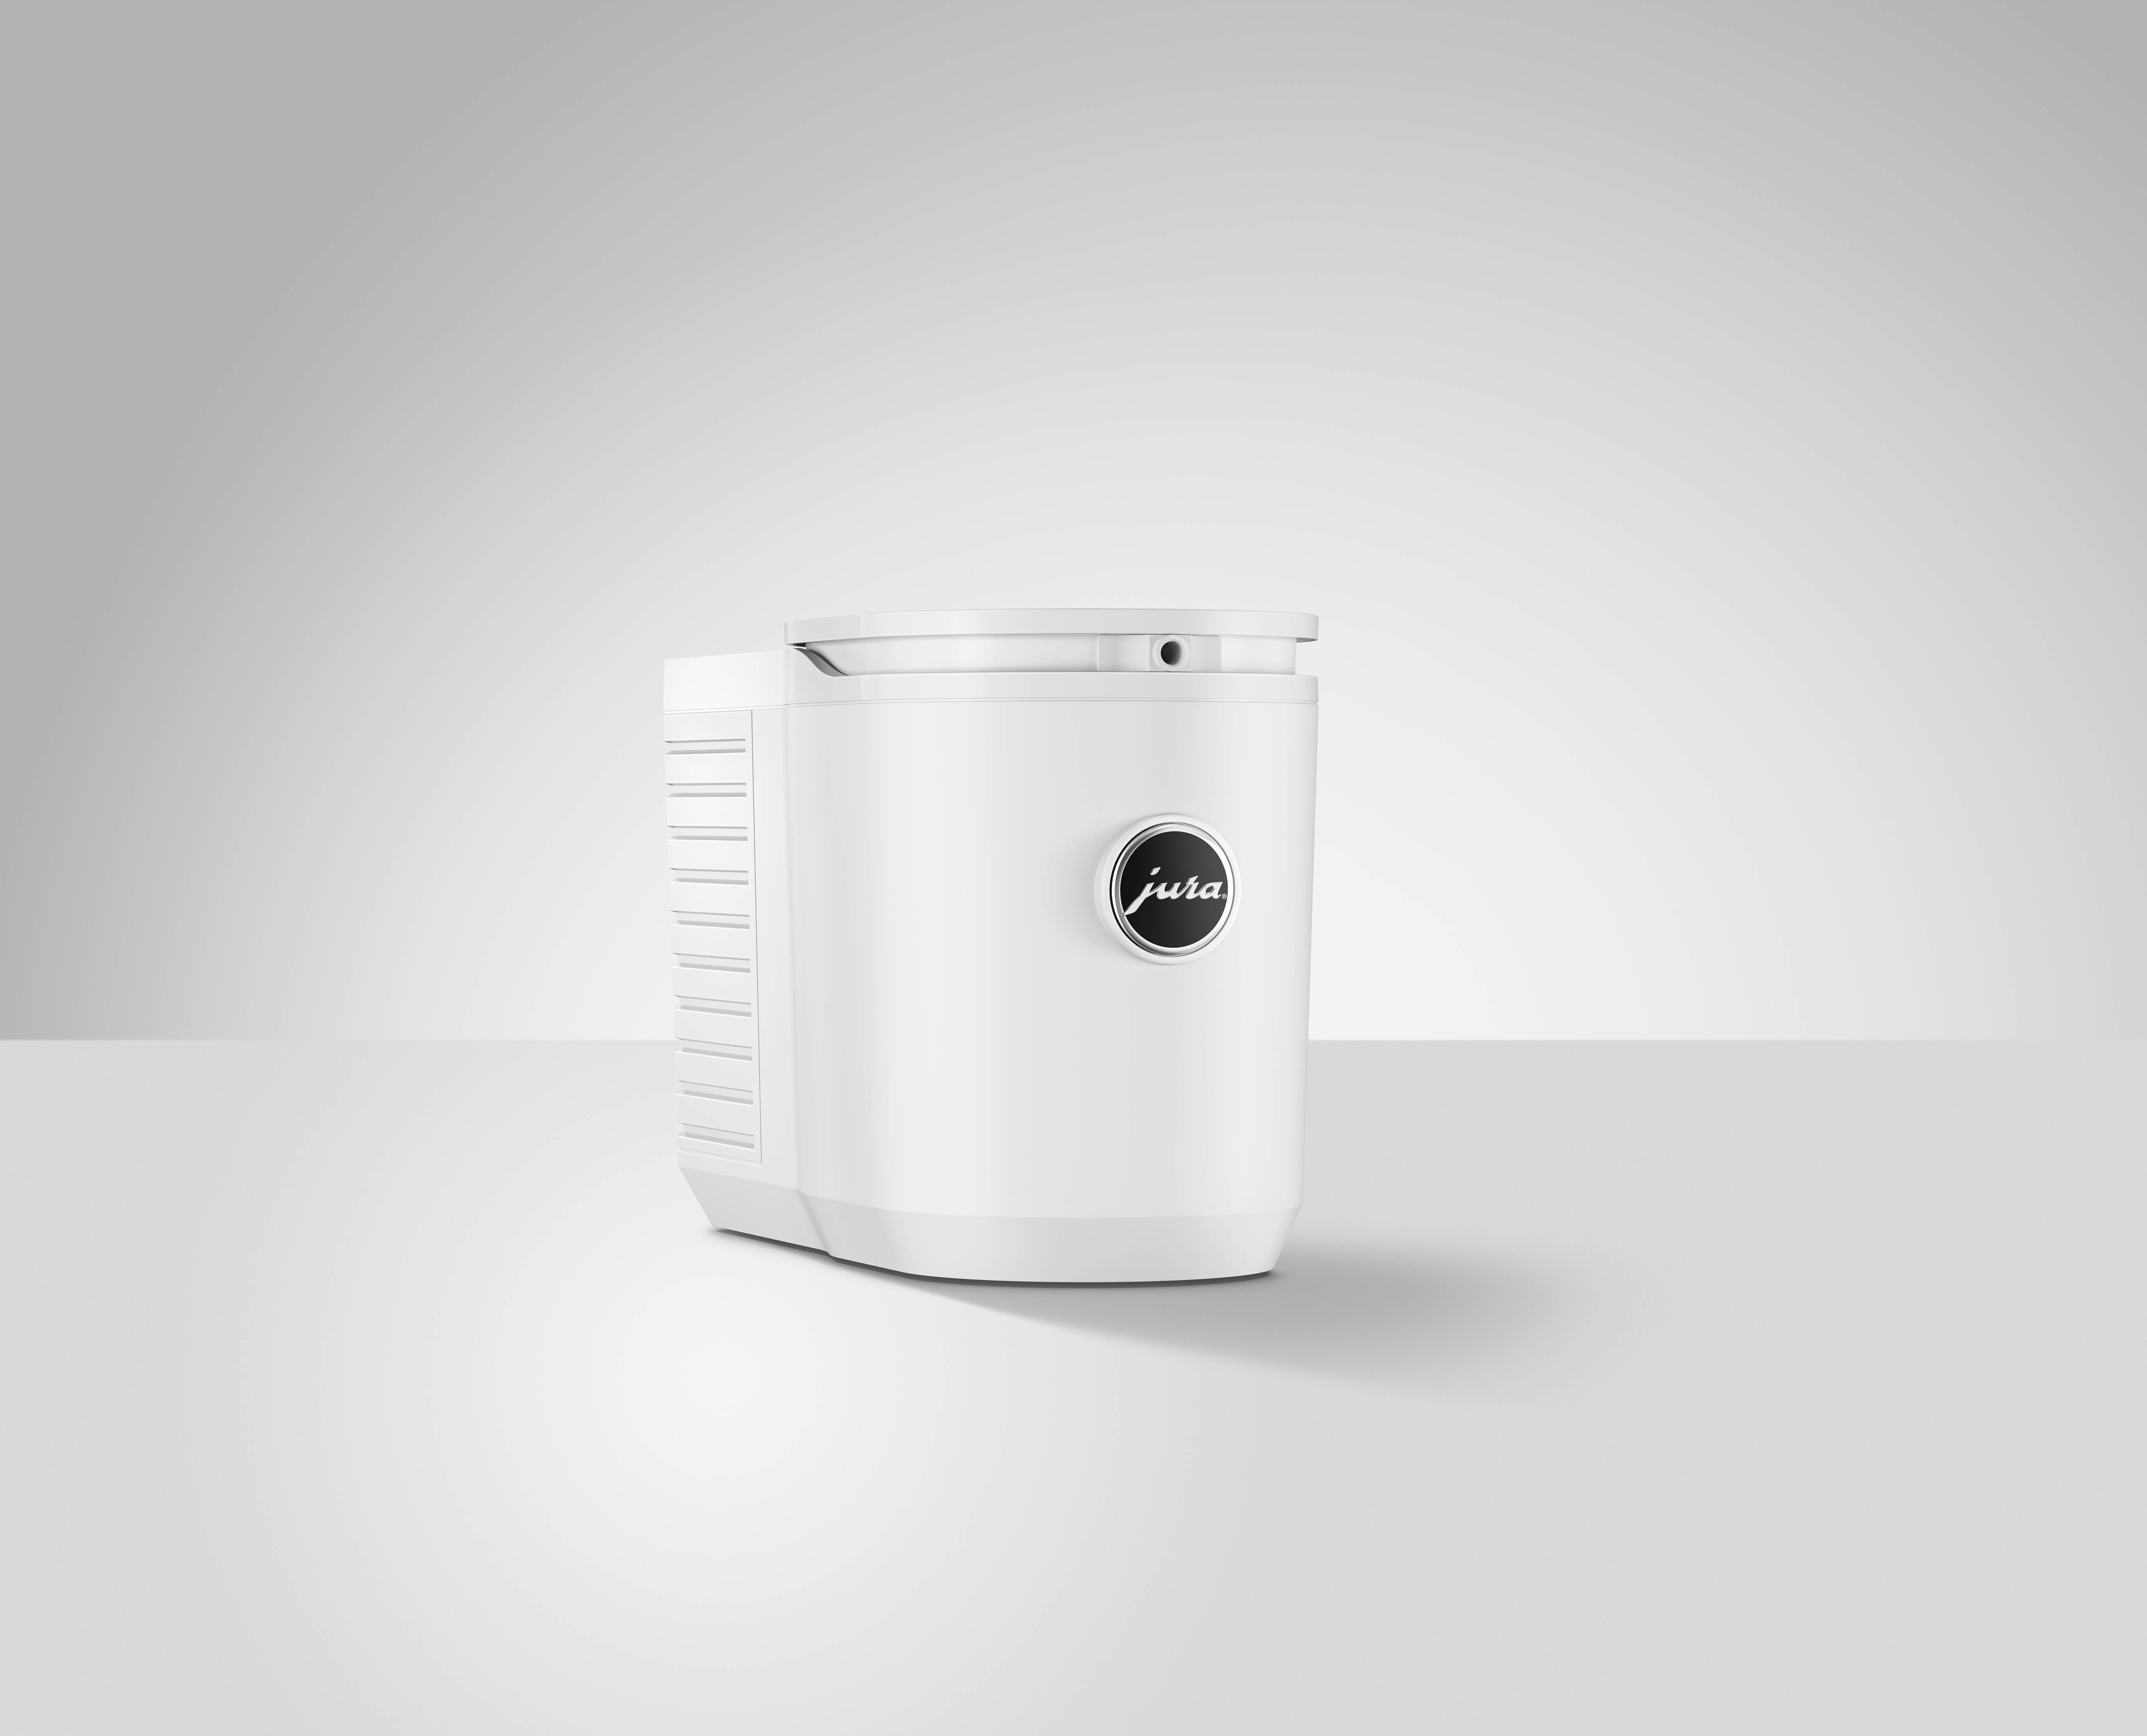 Jura Cool Control 0.6L Wit